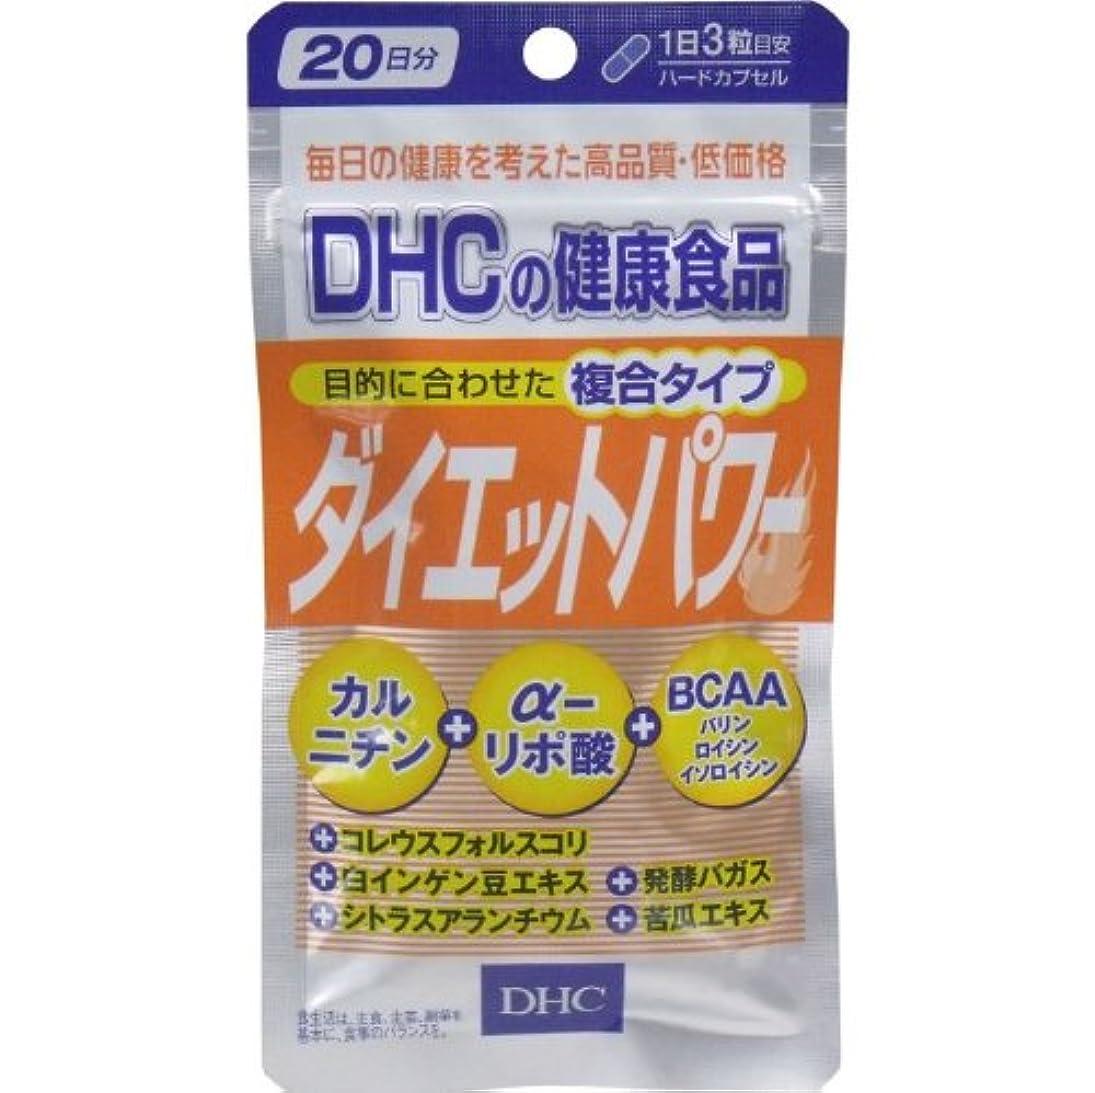 左群集連続したDHC ダイエットパワー 60粒入 20日分「2点セット」